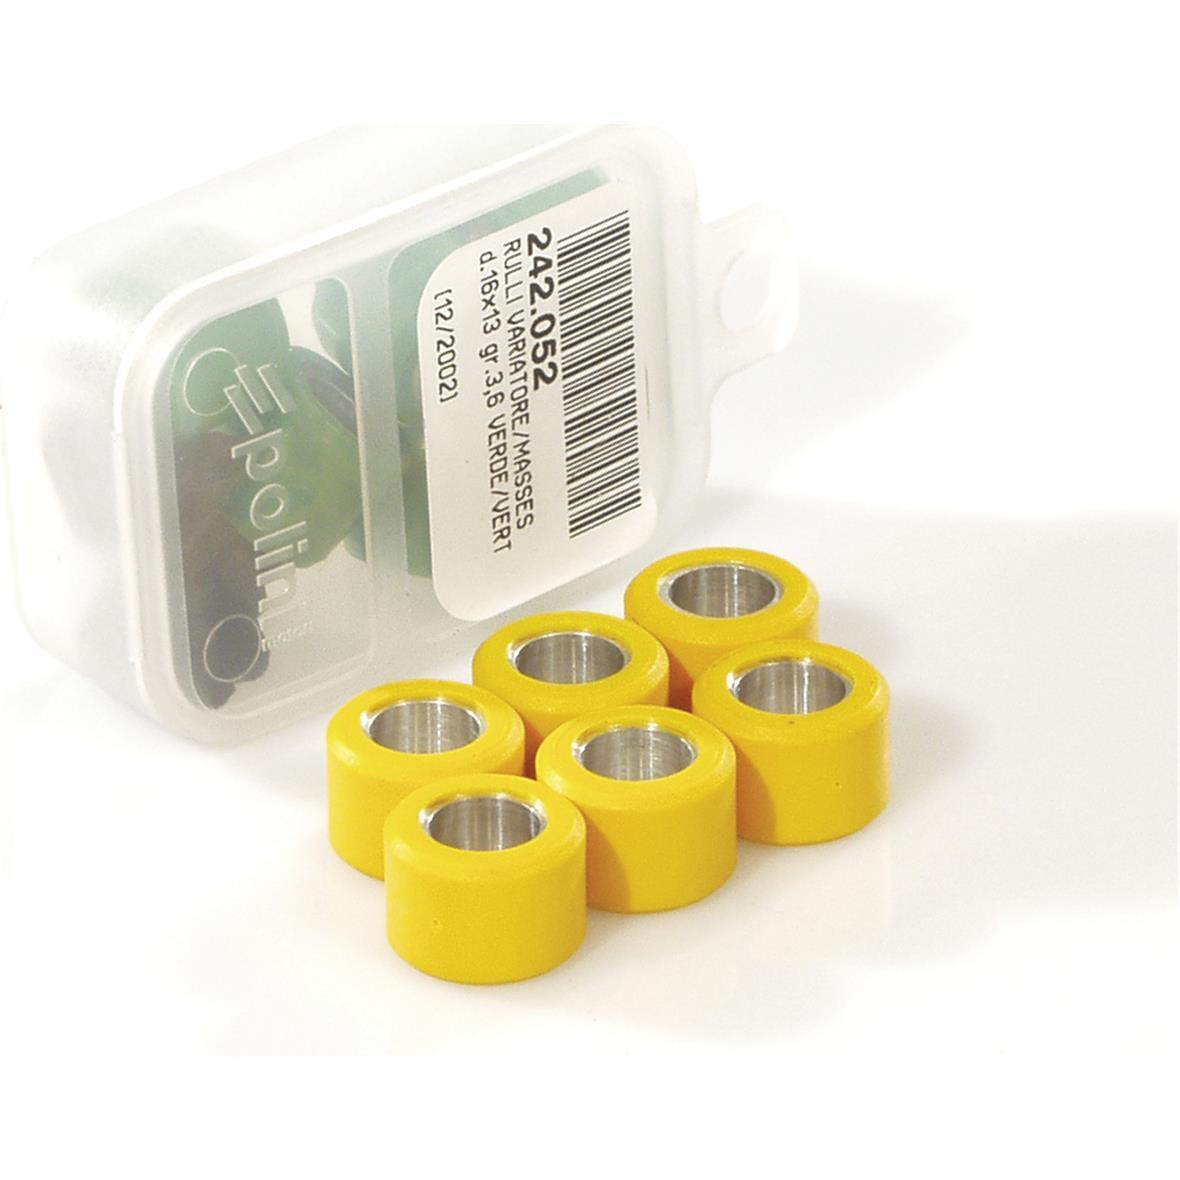 Obrázek výrobku pro 'Válečky variátoru POLINI 15x12 mm 9,2 gramTitle'